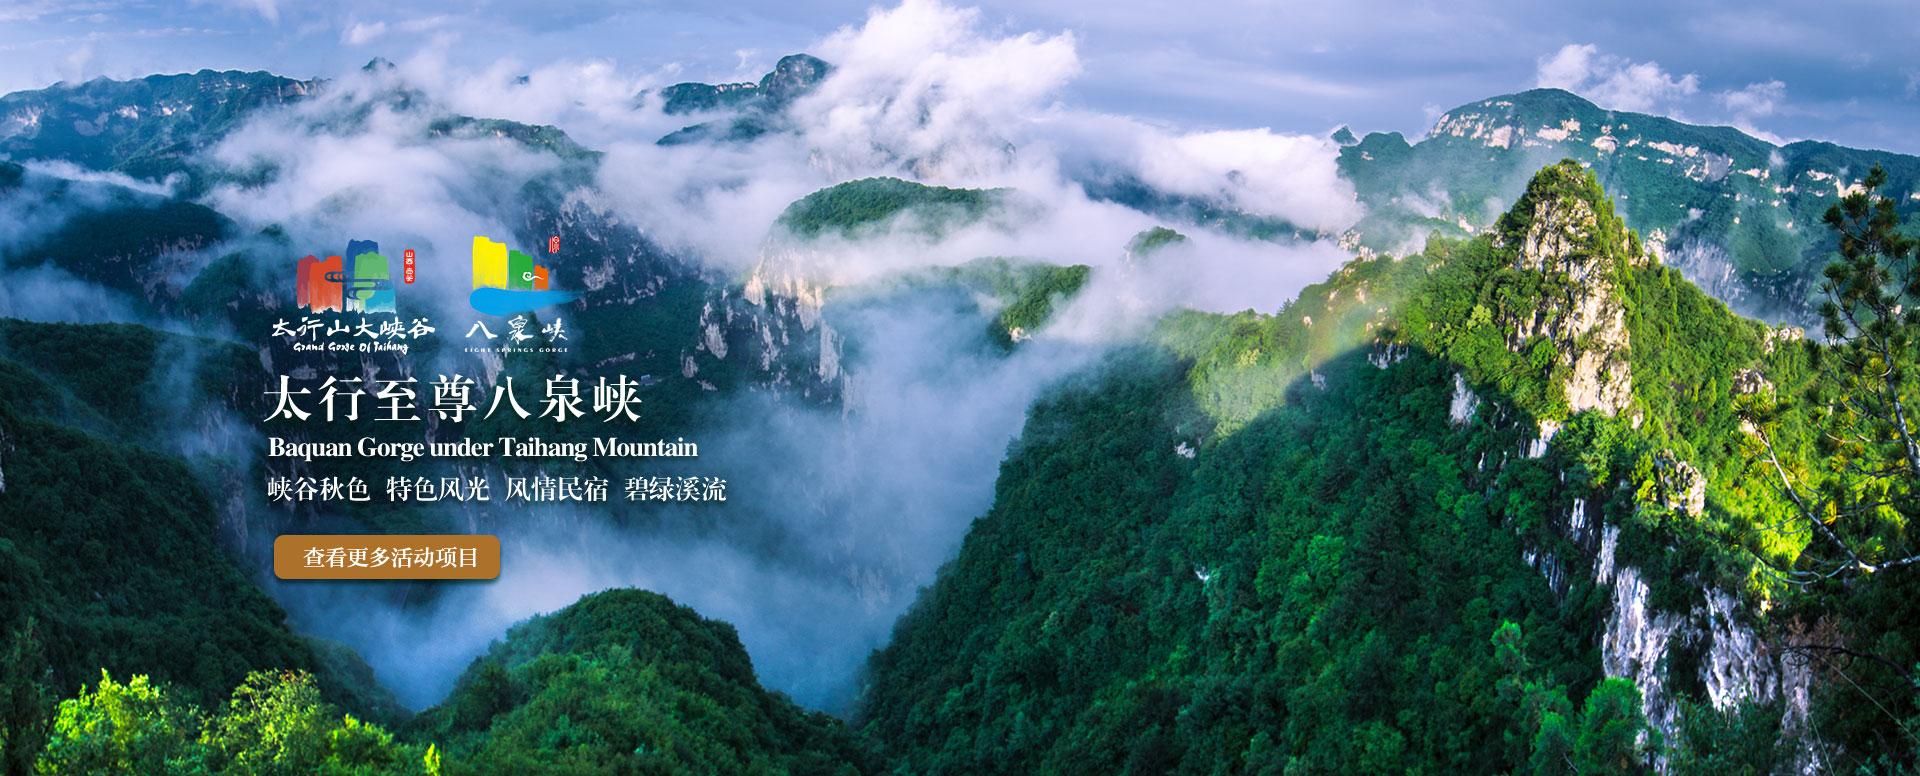 太行山大峡谷八泉峡景区官网